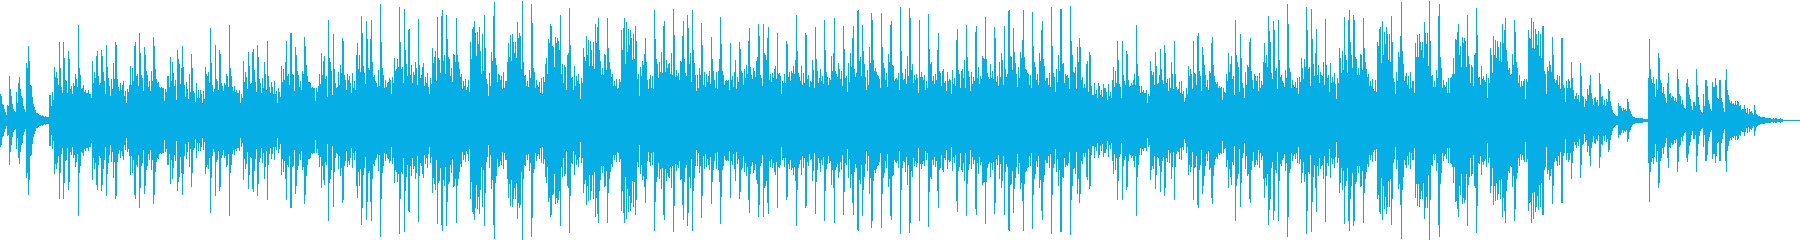 過去を回想するようなピアノソロ曲の再生済みの波形